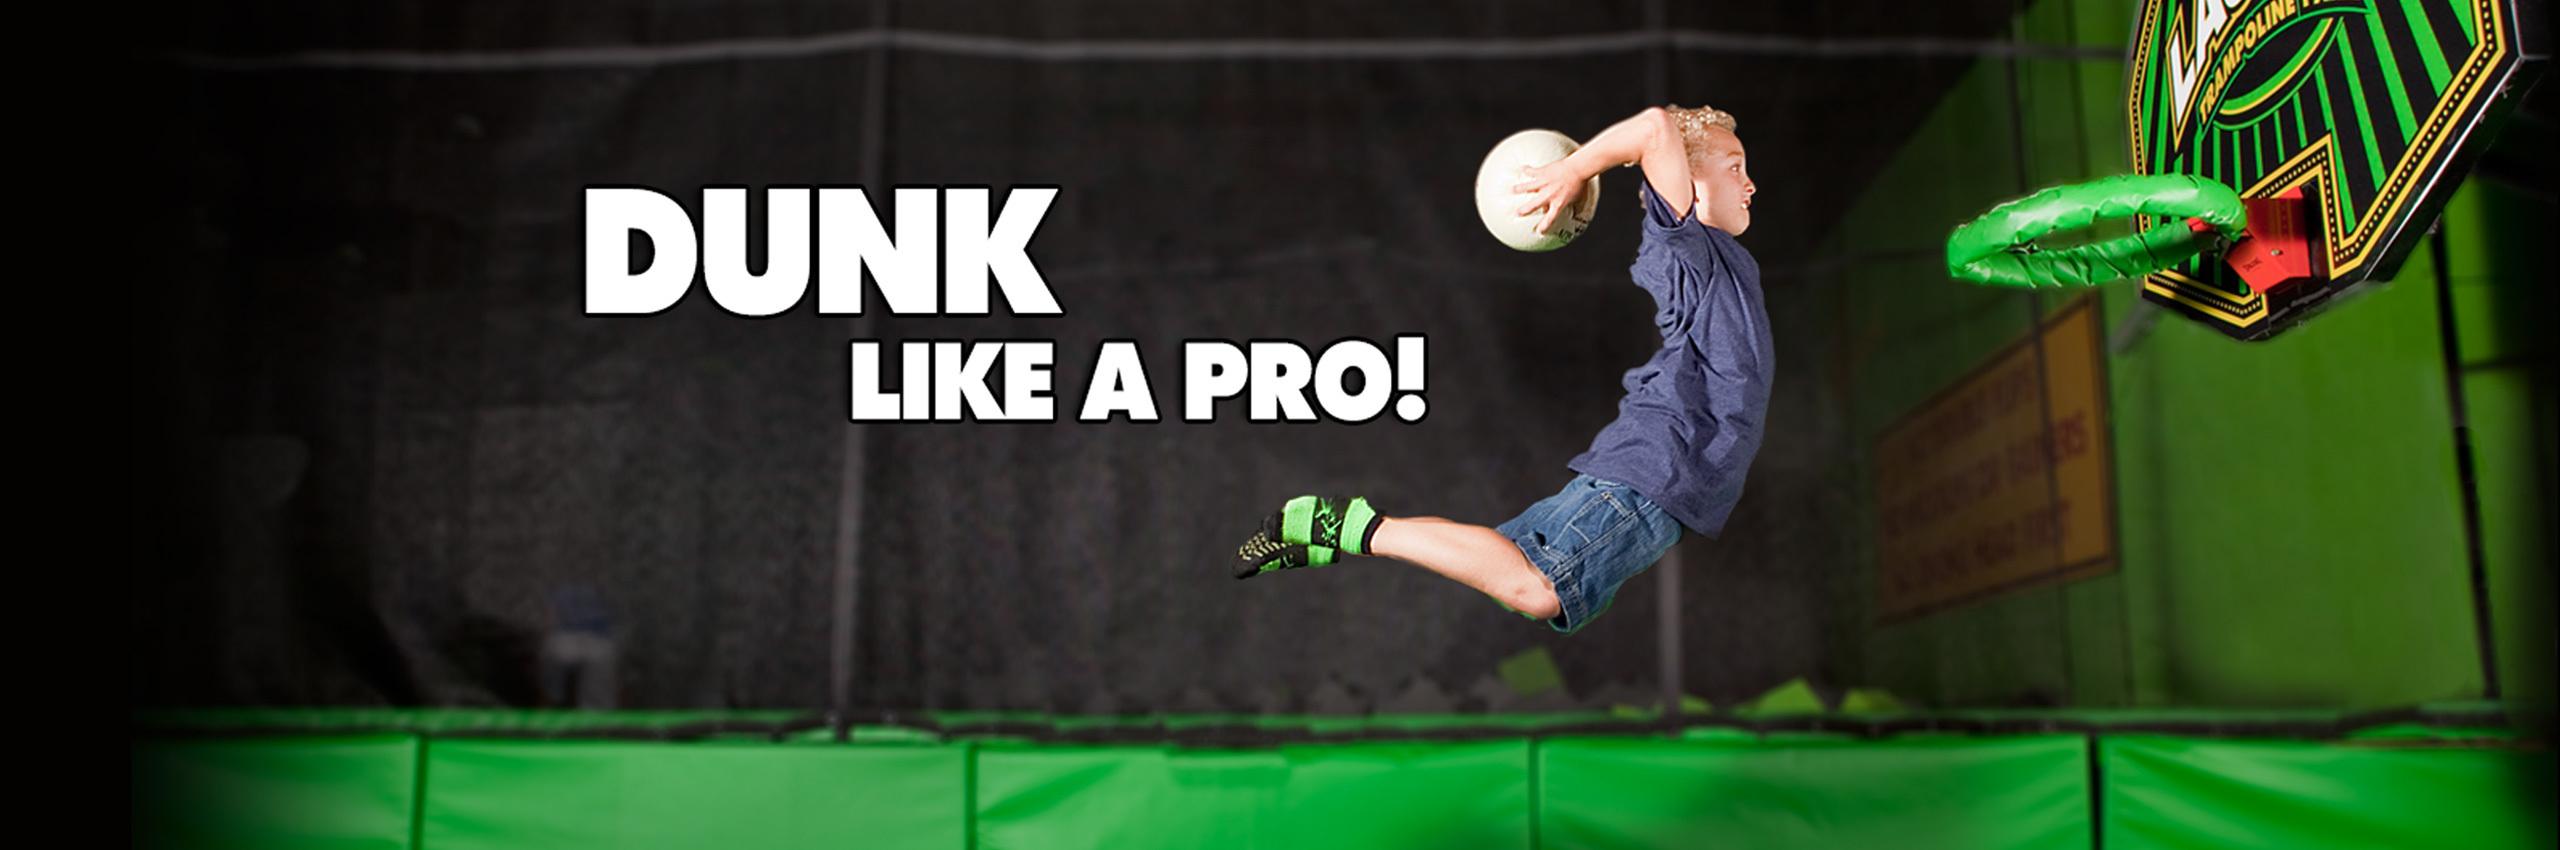 Dunk Like A Pro